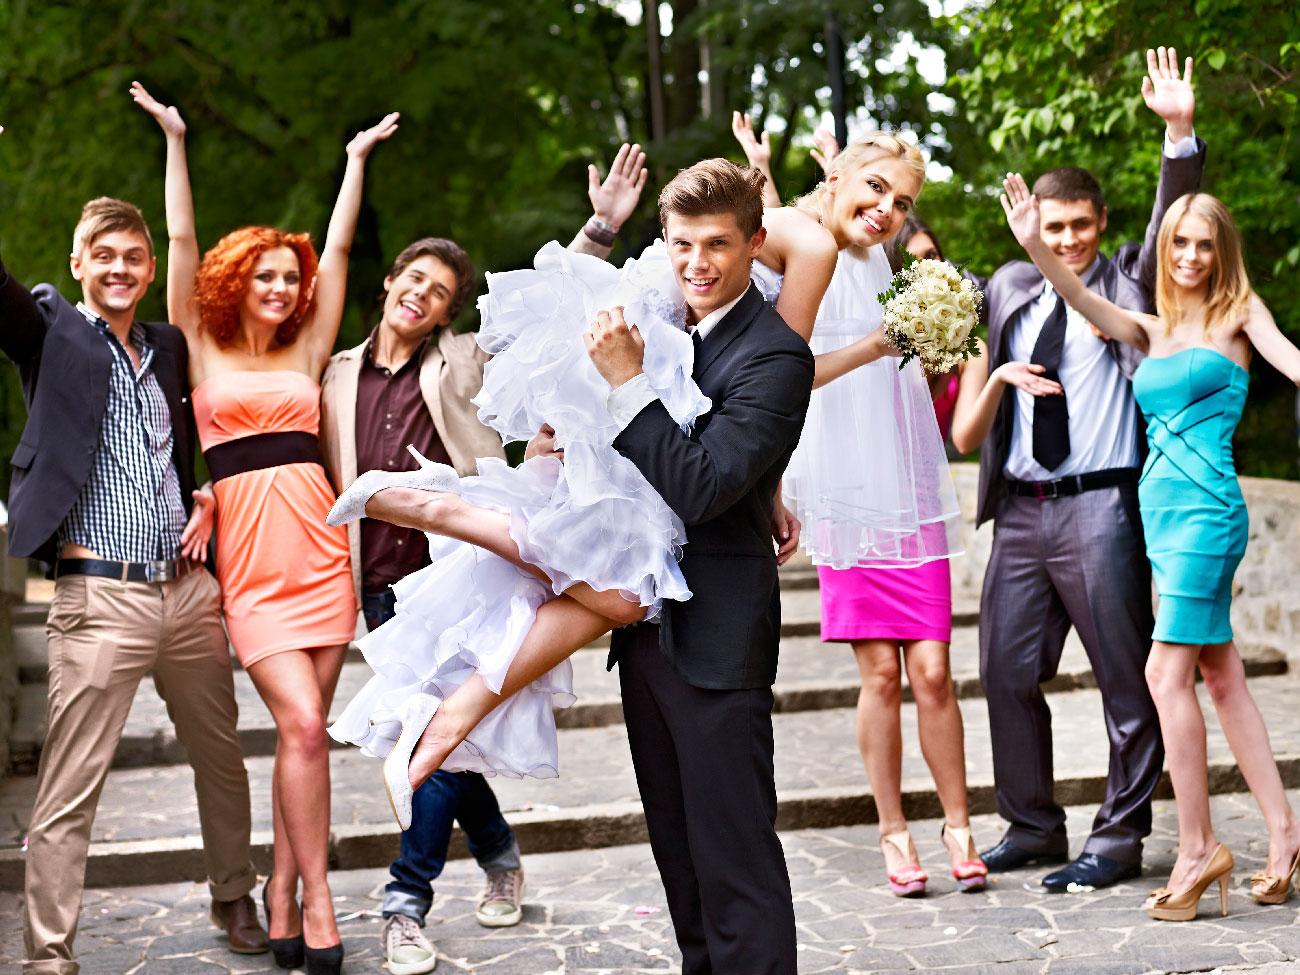 Vicces esküvői játékok, játékok esküvőre, ceremóniamester